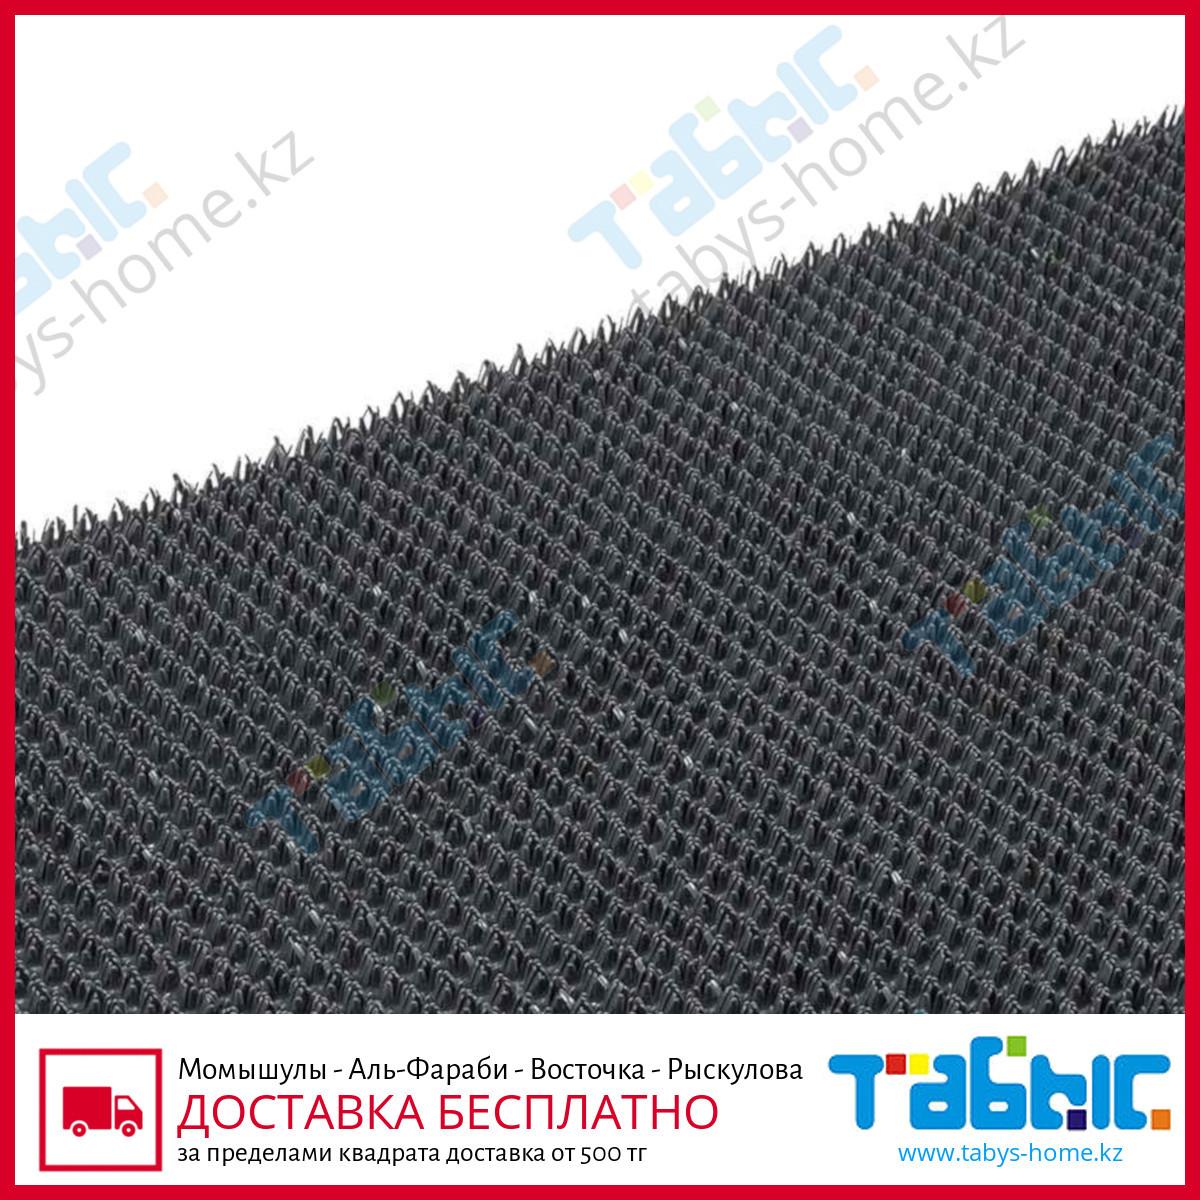 Коврик щетинистый Стандарт 90 см (темно-серый цвет)